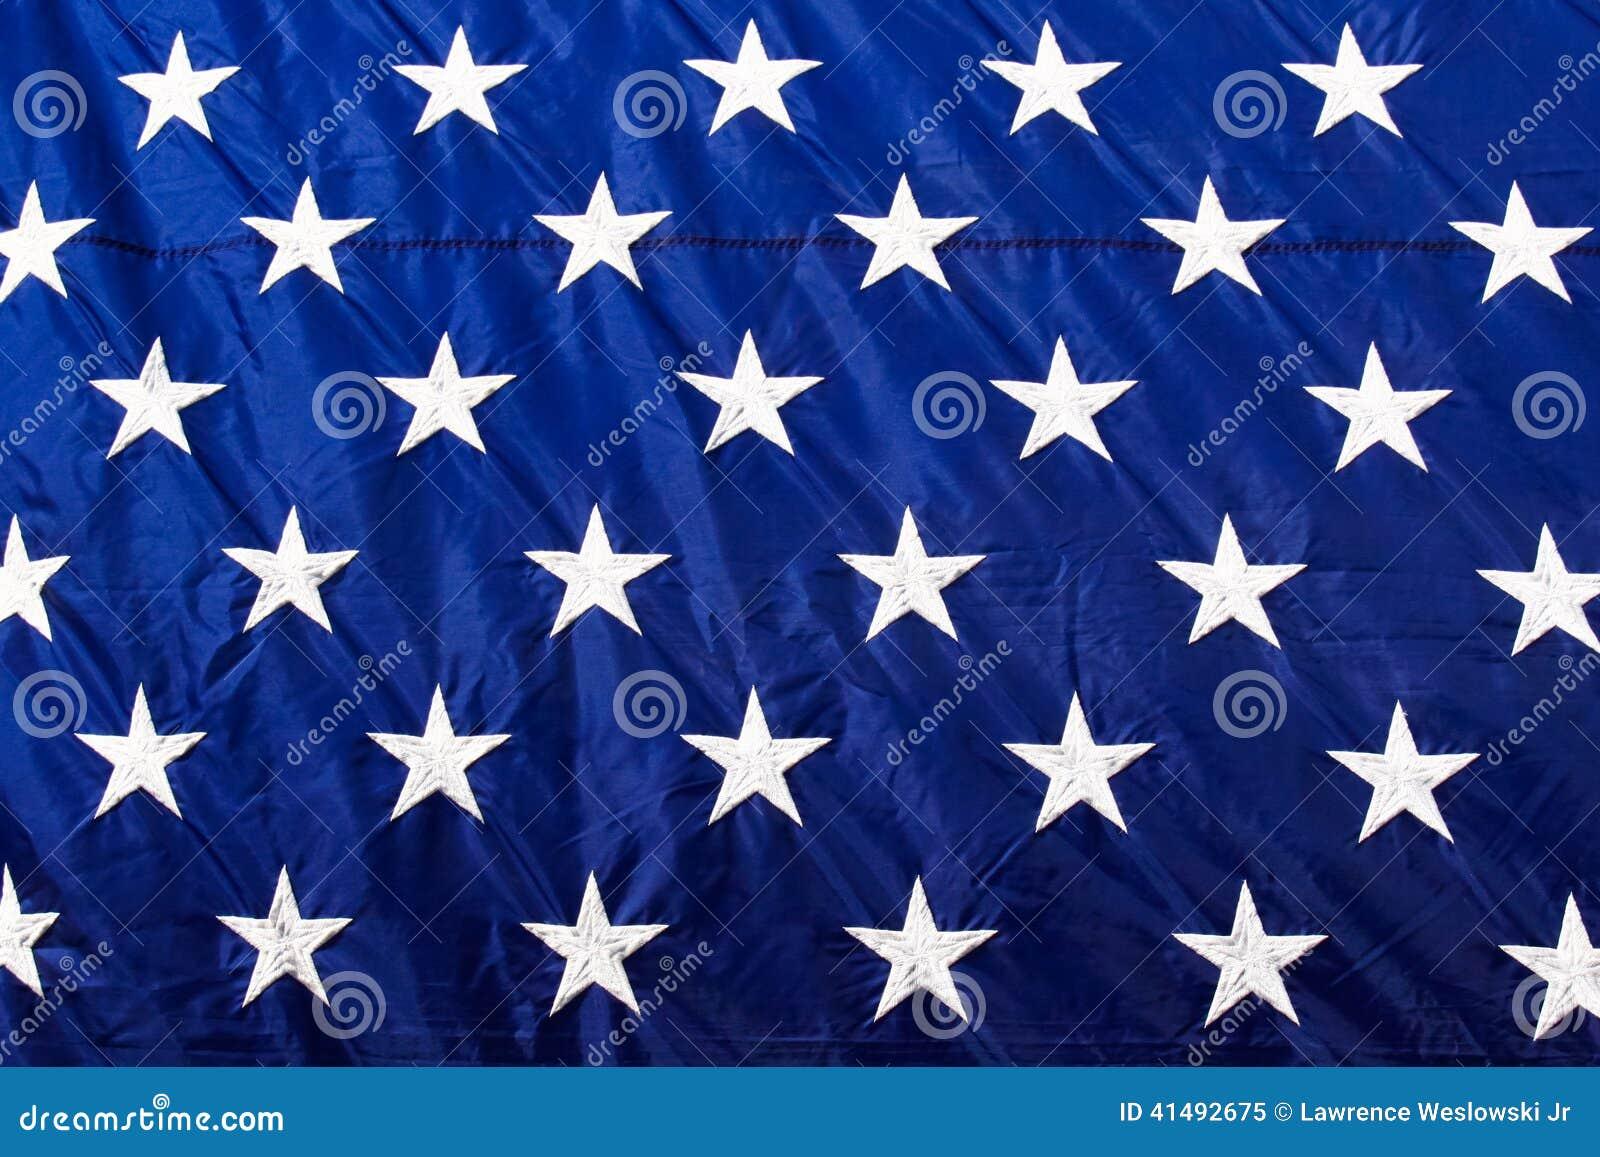 Nahaufnahme-Weiß der amerikanischen Flagge spielt blauen Hintergrund die Hauptrolle